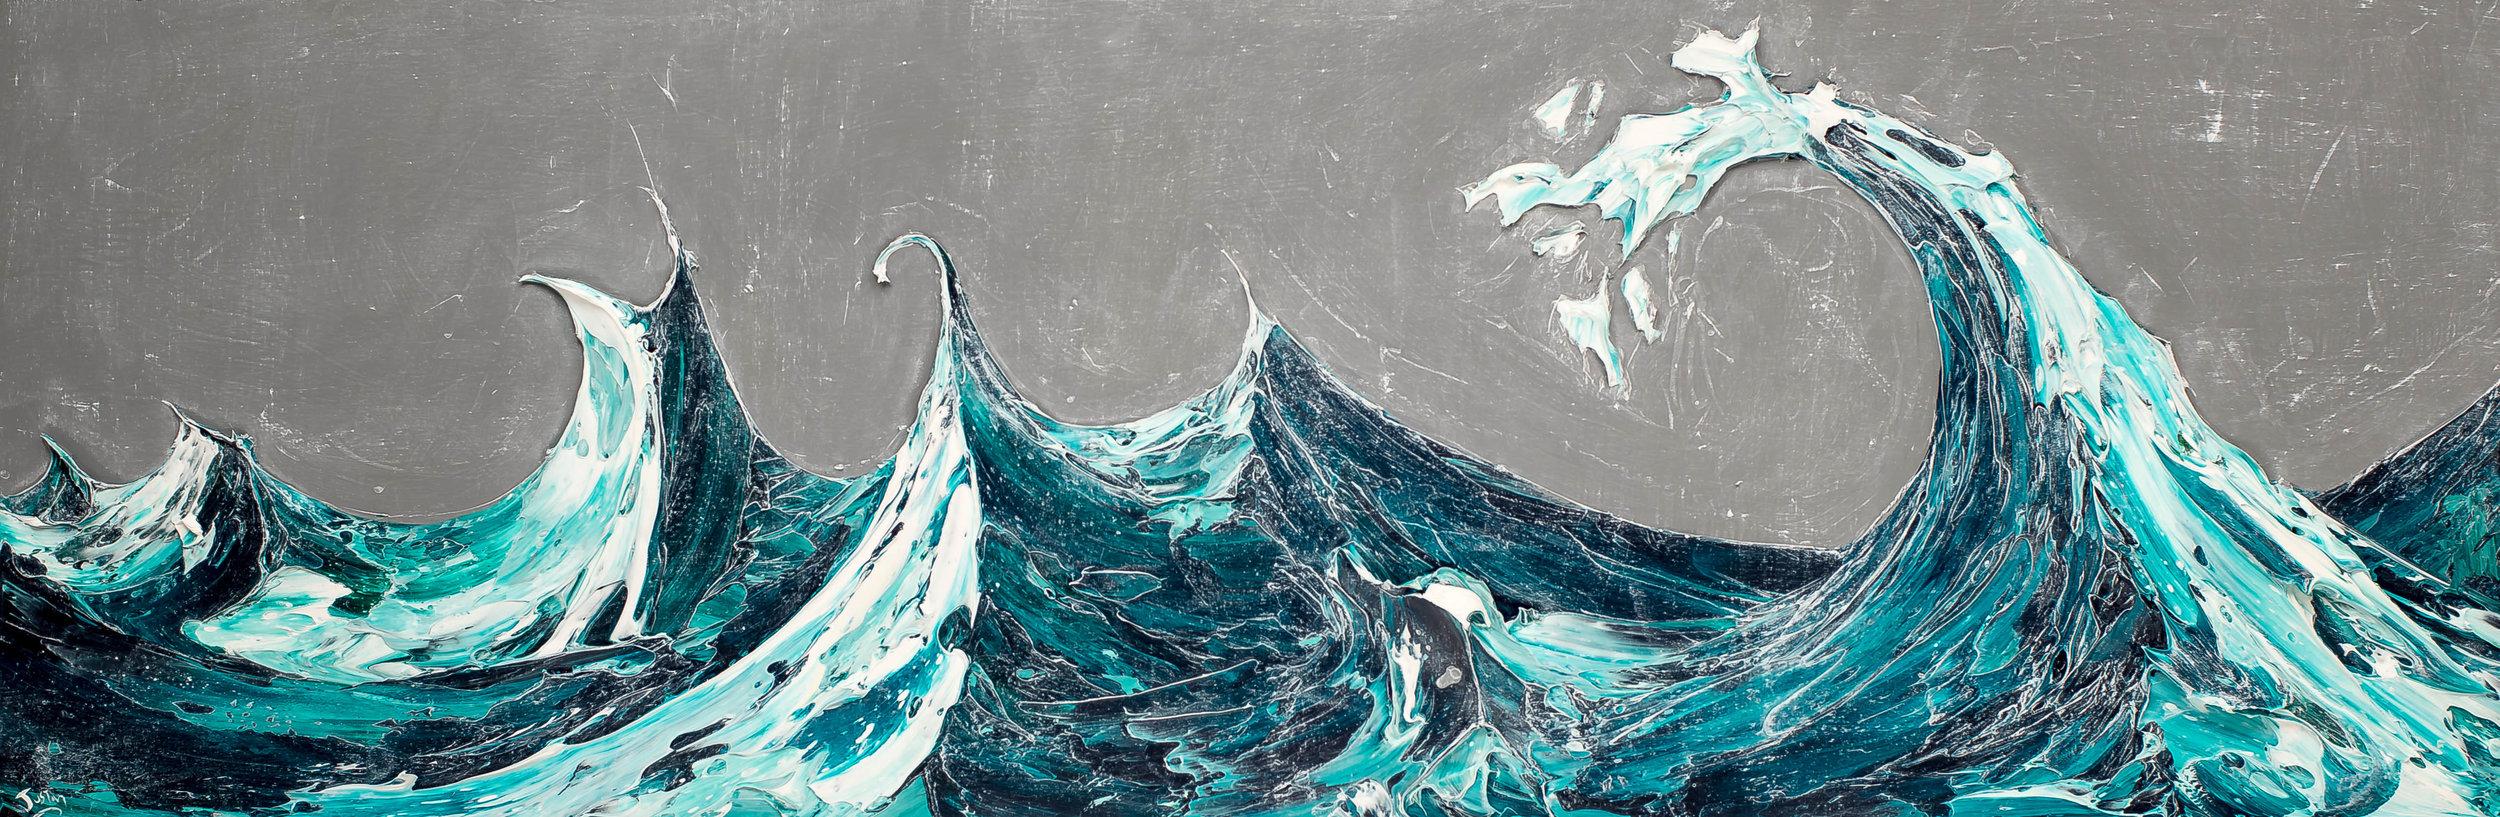 WAVE SERIES 10